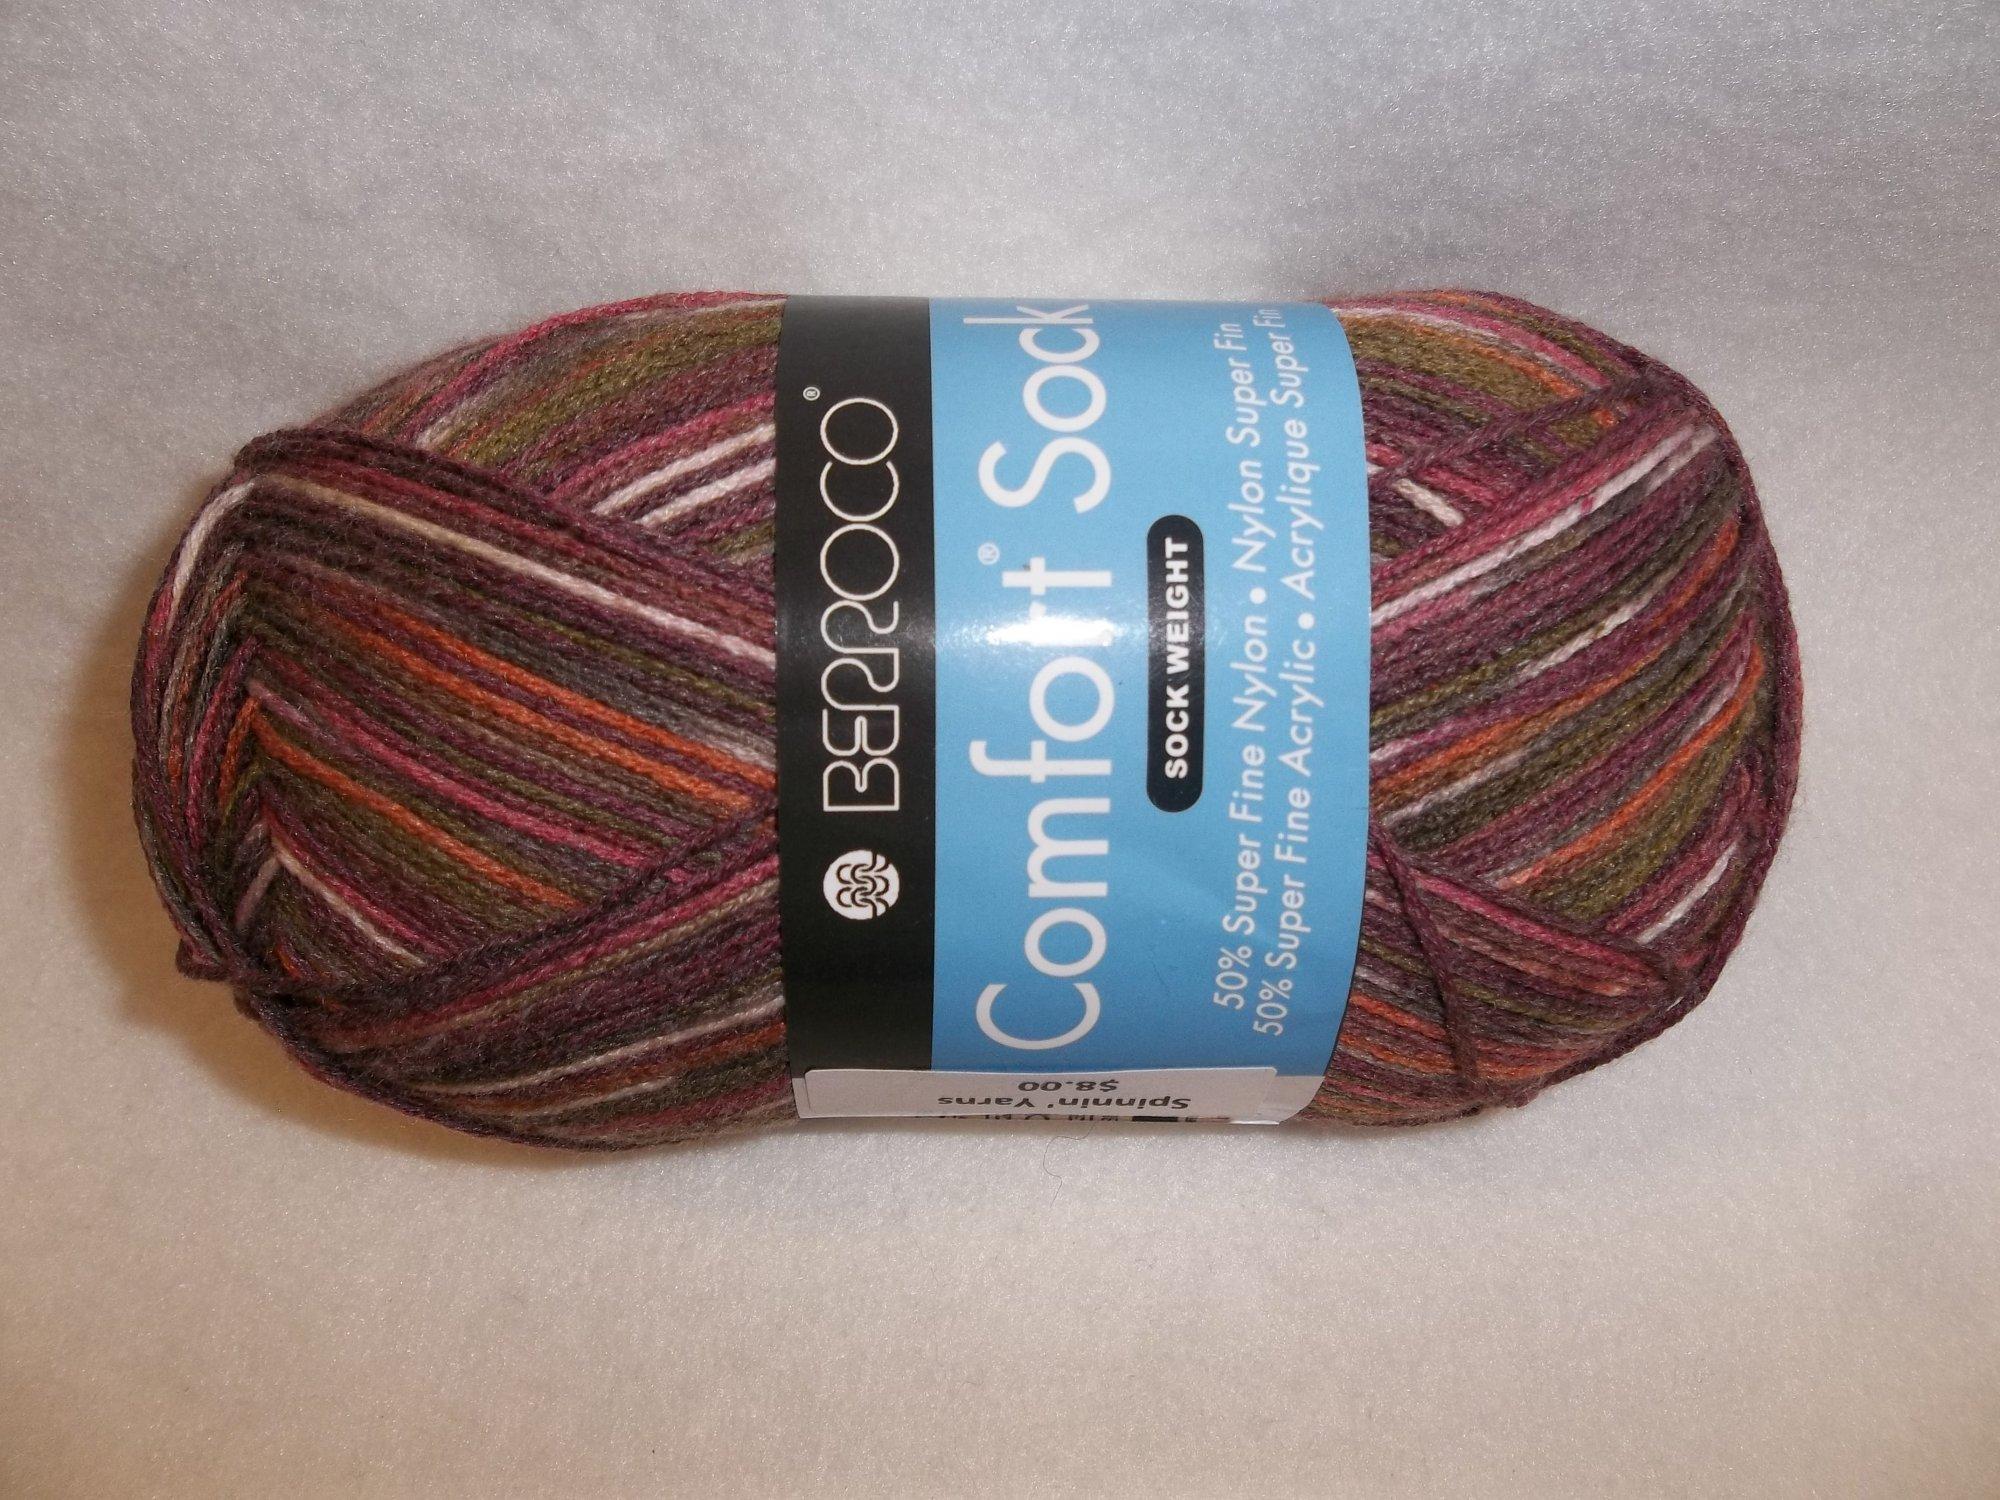 Comfort sock - Color 1816 - Rose Multi